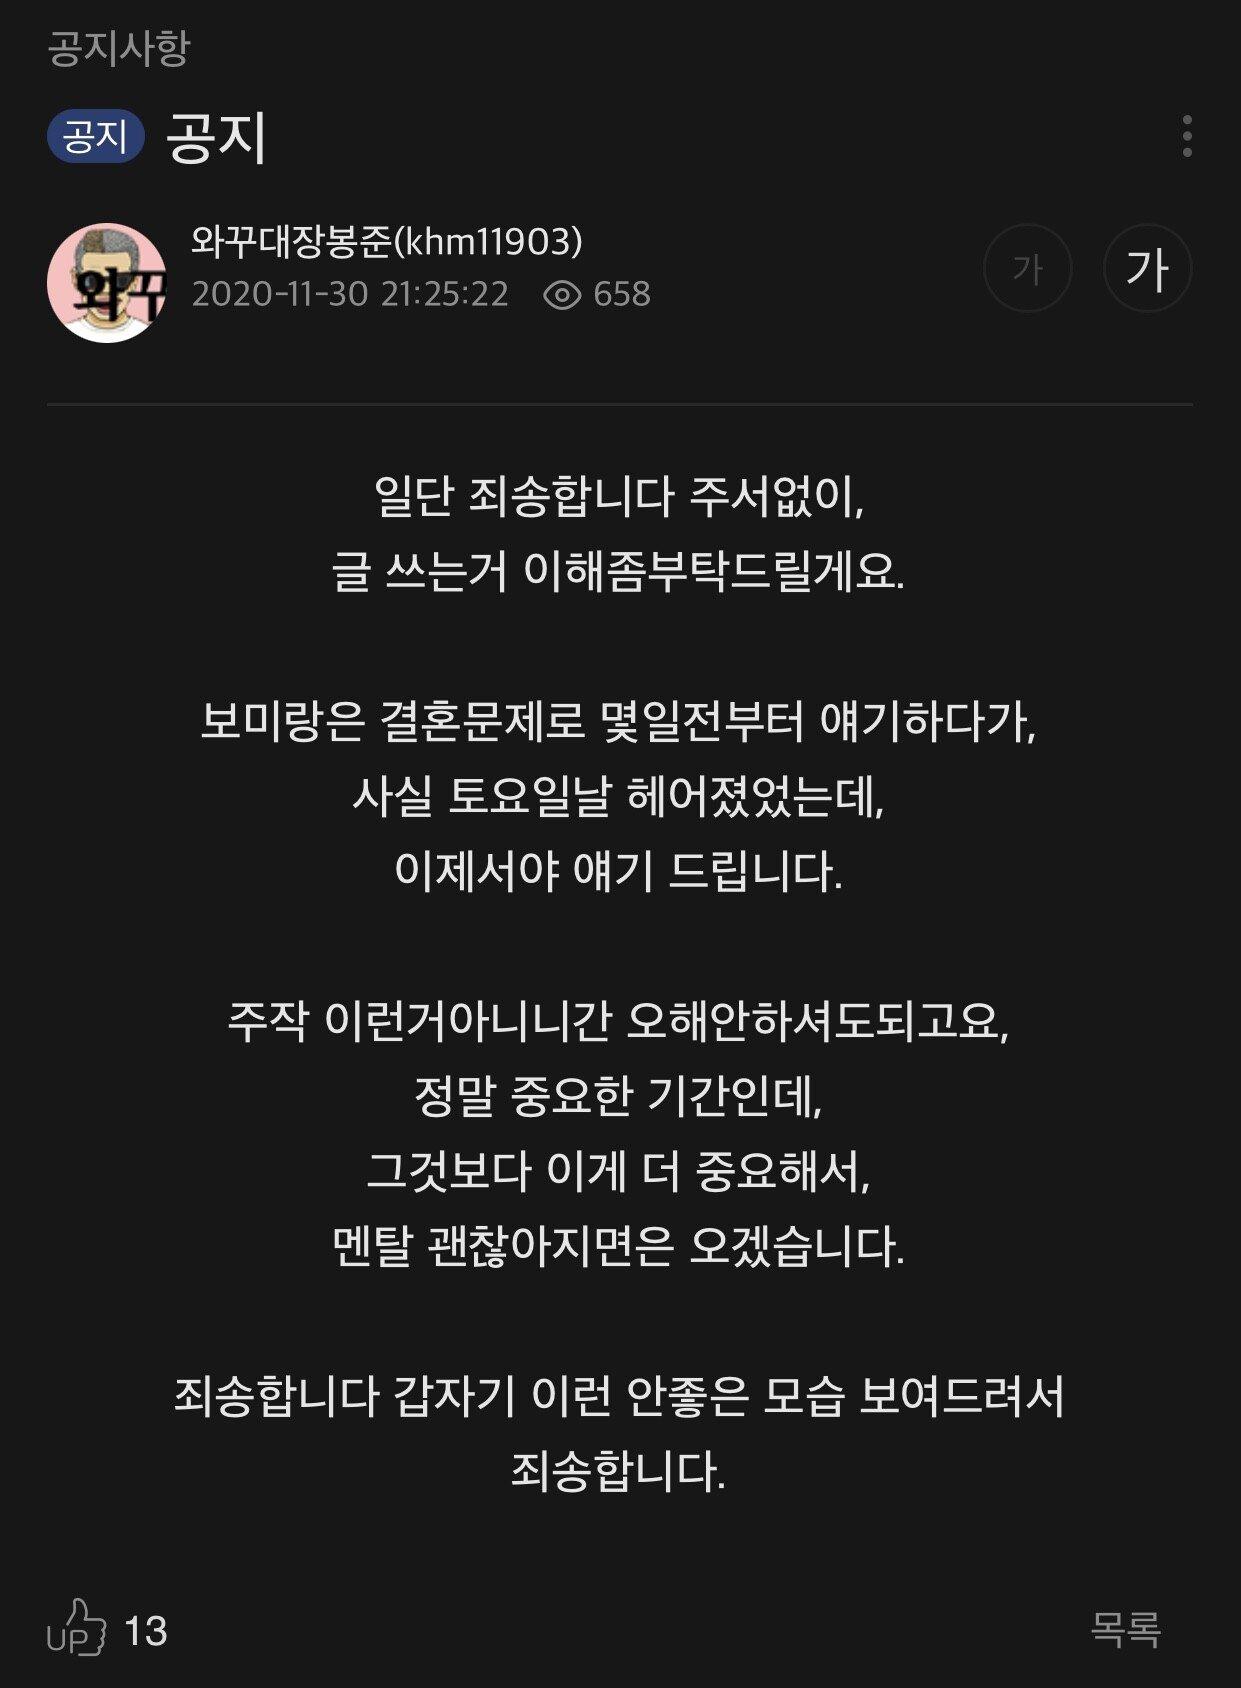 [김봉준 공지] 헤어졌습니다